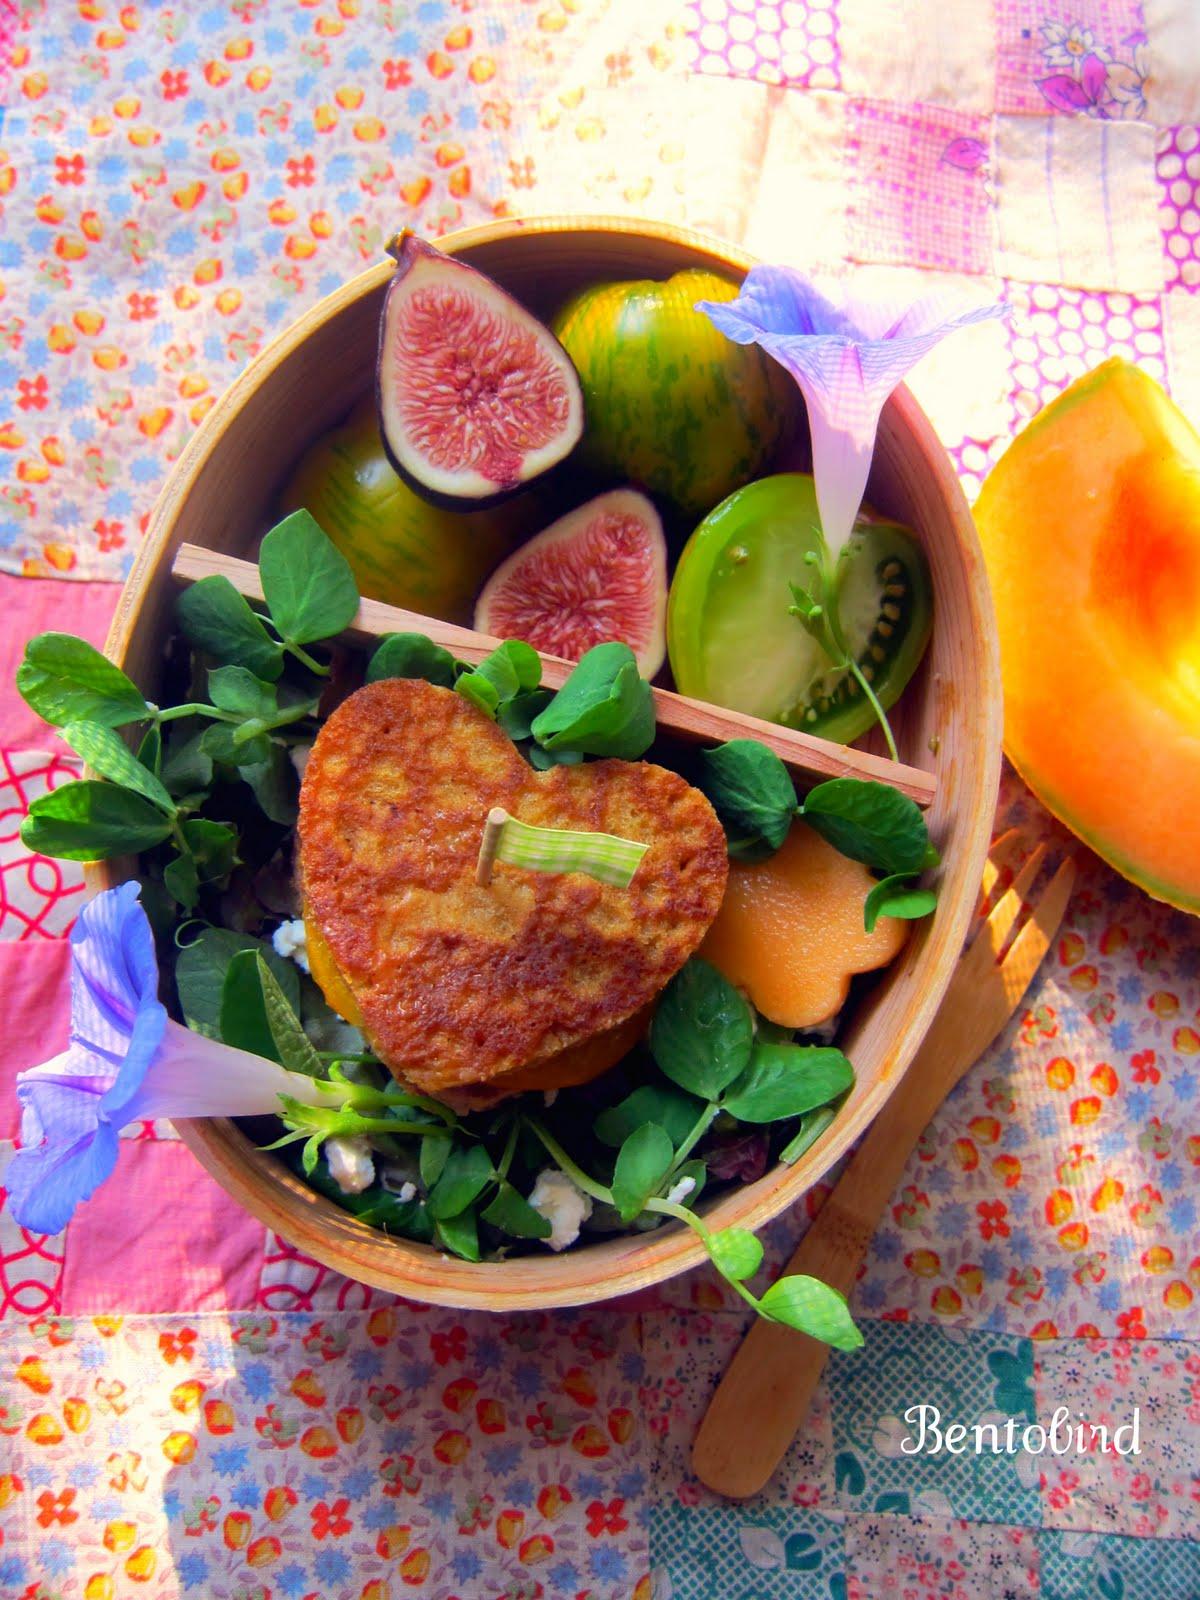 http://1.bp.blogspot.com/_iiZuzAo-0RA/TIVg3XRAO4I/AAAAAAAADDM/YlHdO3XtwJs/s1600/country+breakfast+bento+.jpg